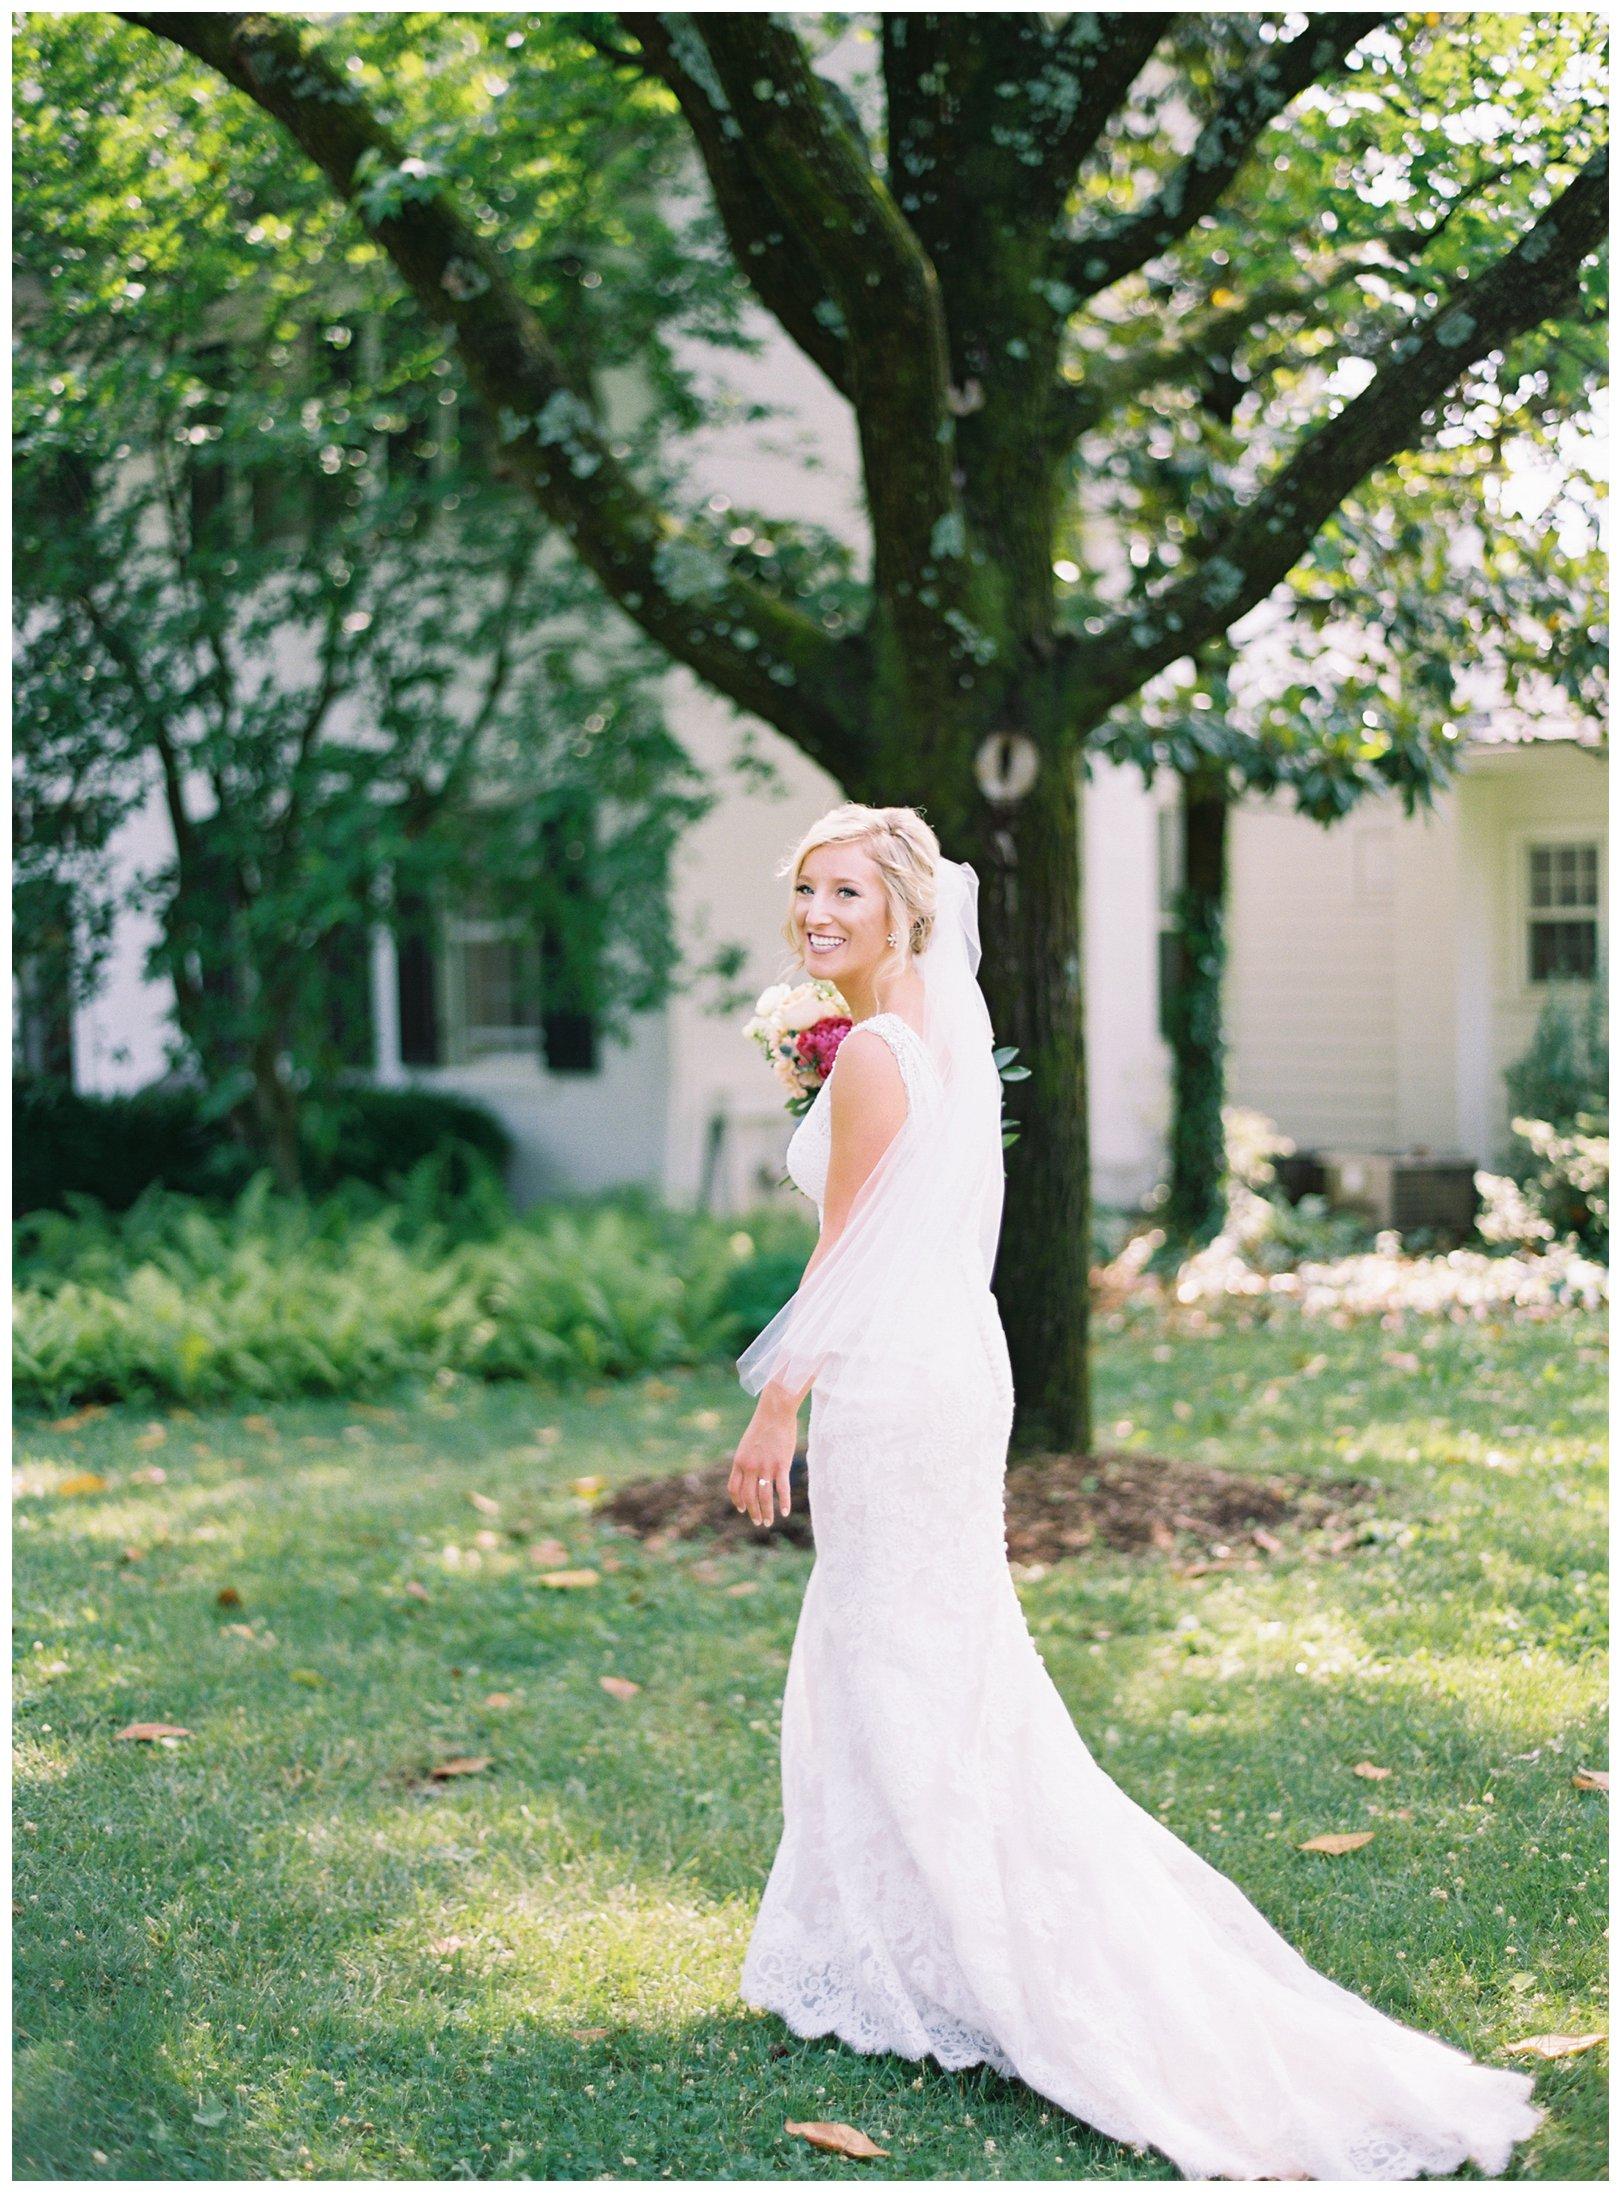 lauren muckler photography_fine art film wedding photography_st louis_photography_2367.jpg